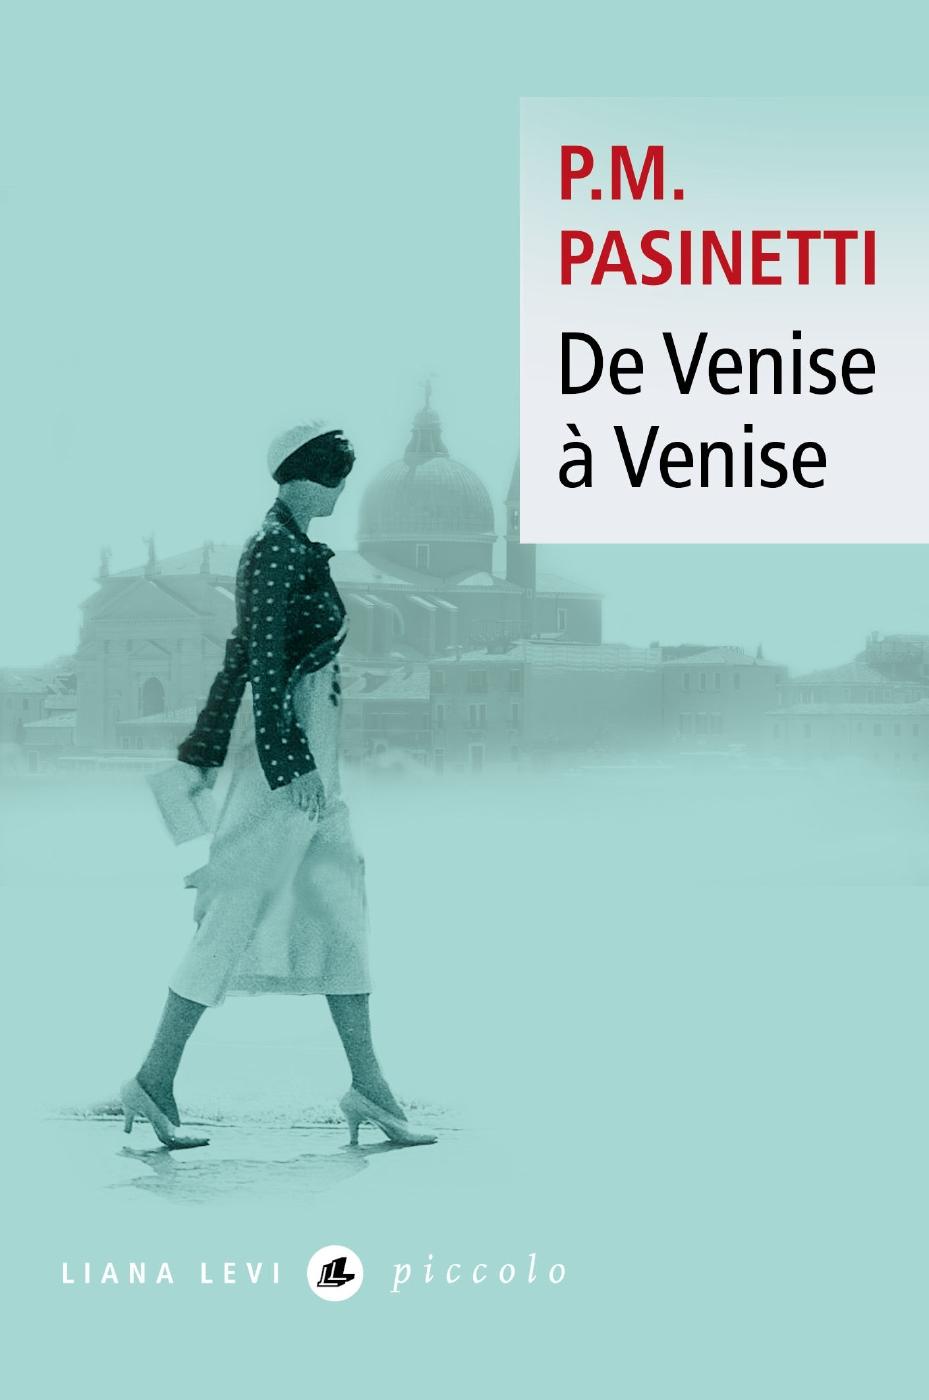 De Venise à Venise | Pasinetti, P. M.